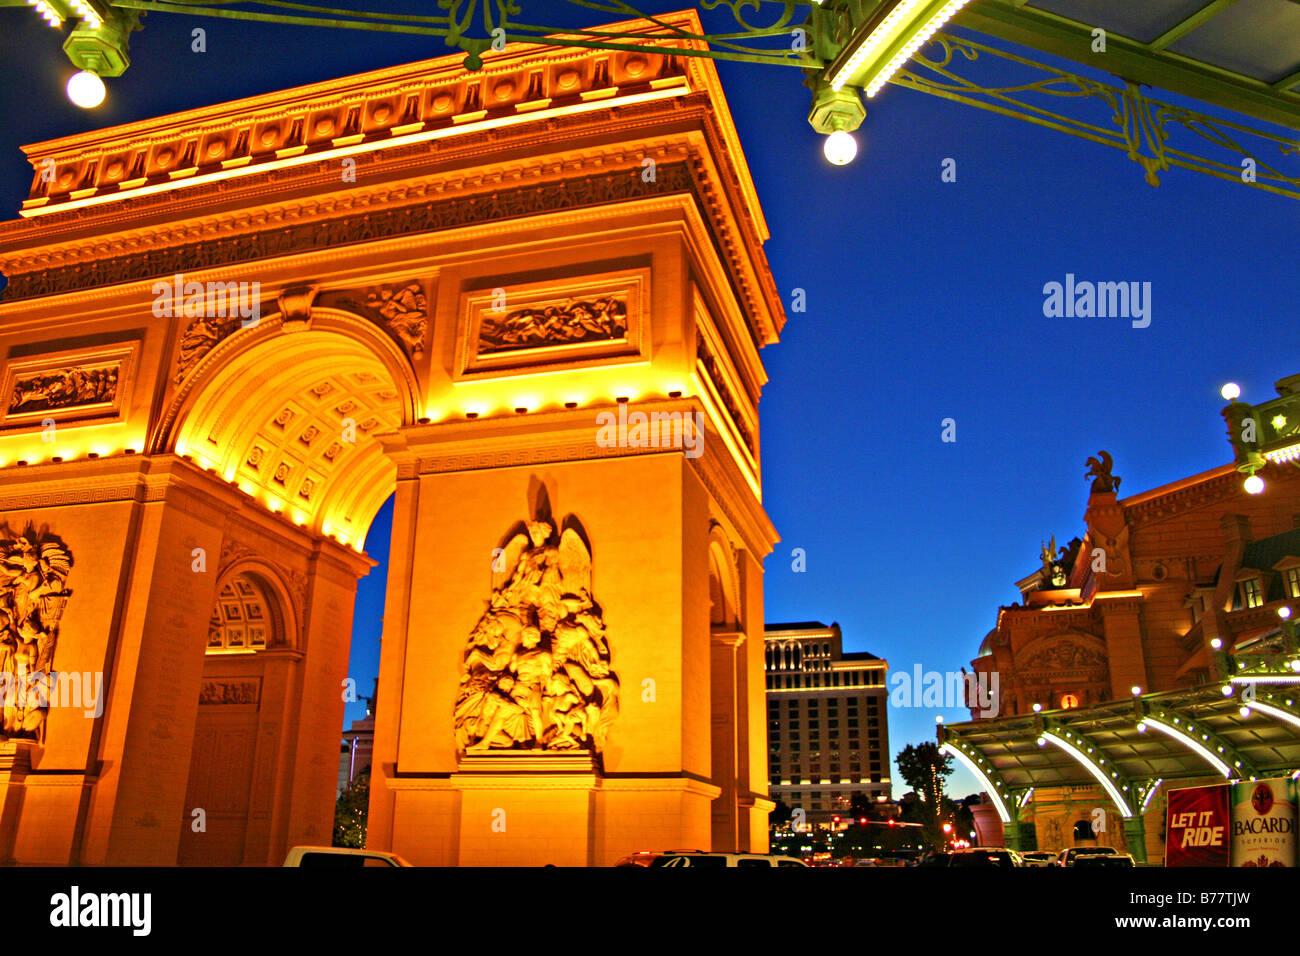 Paris Casino entrance,Las Vegas,Nevada - Stock Image